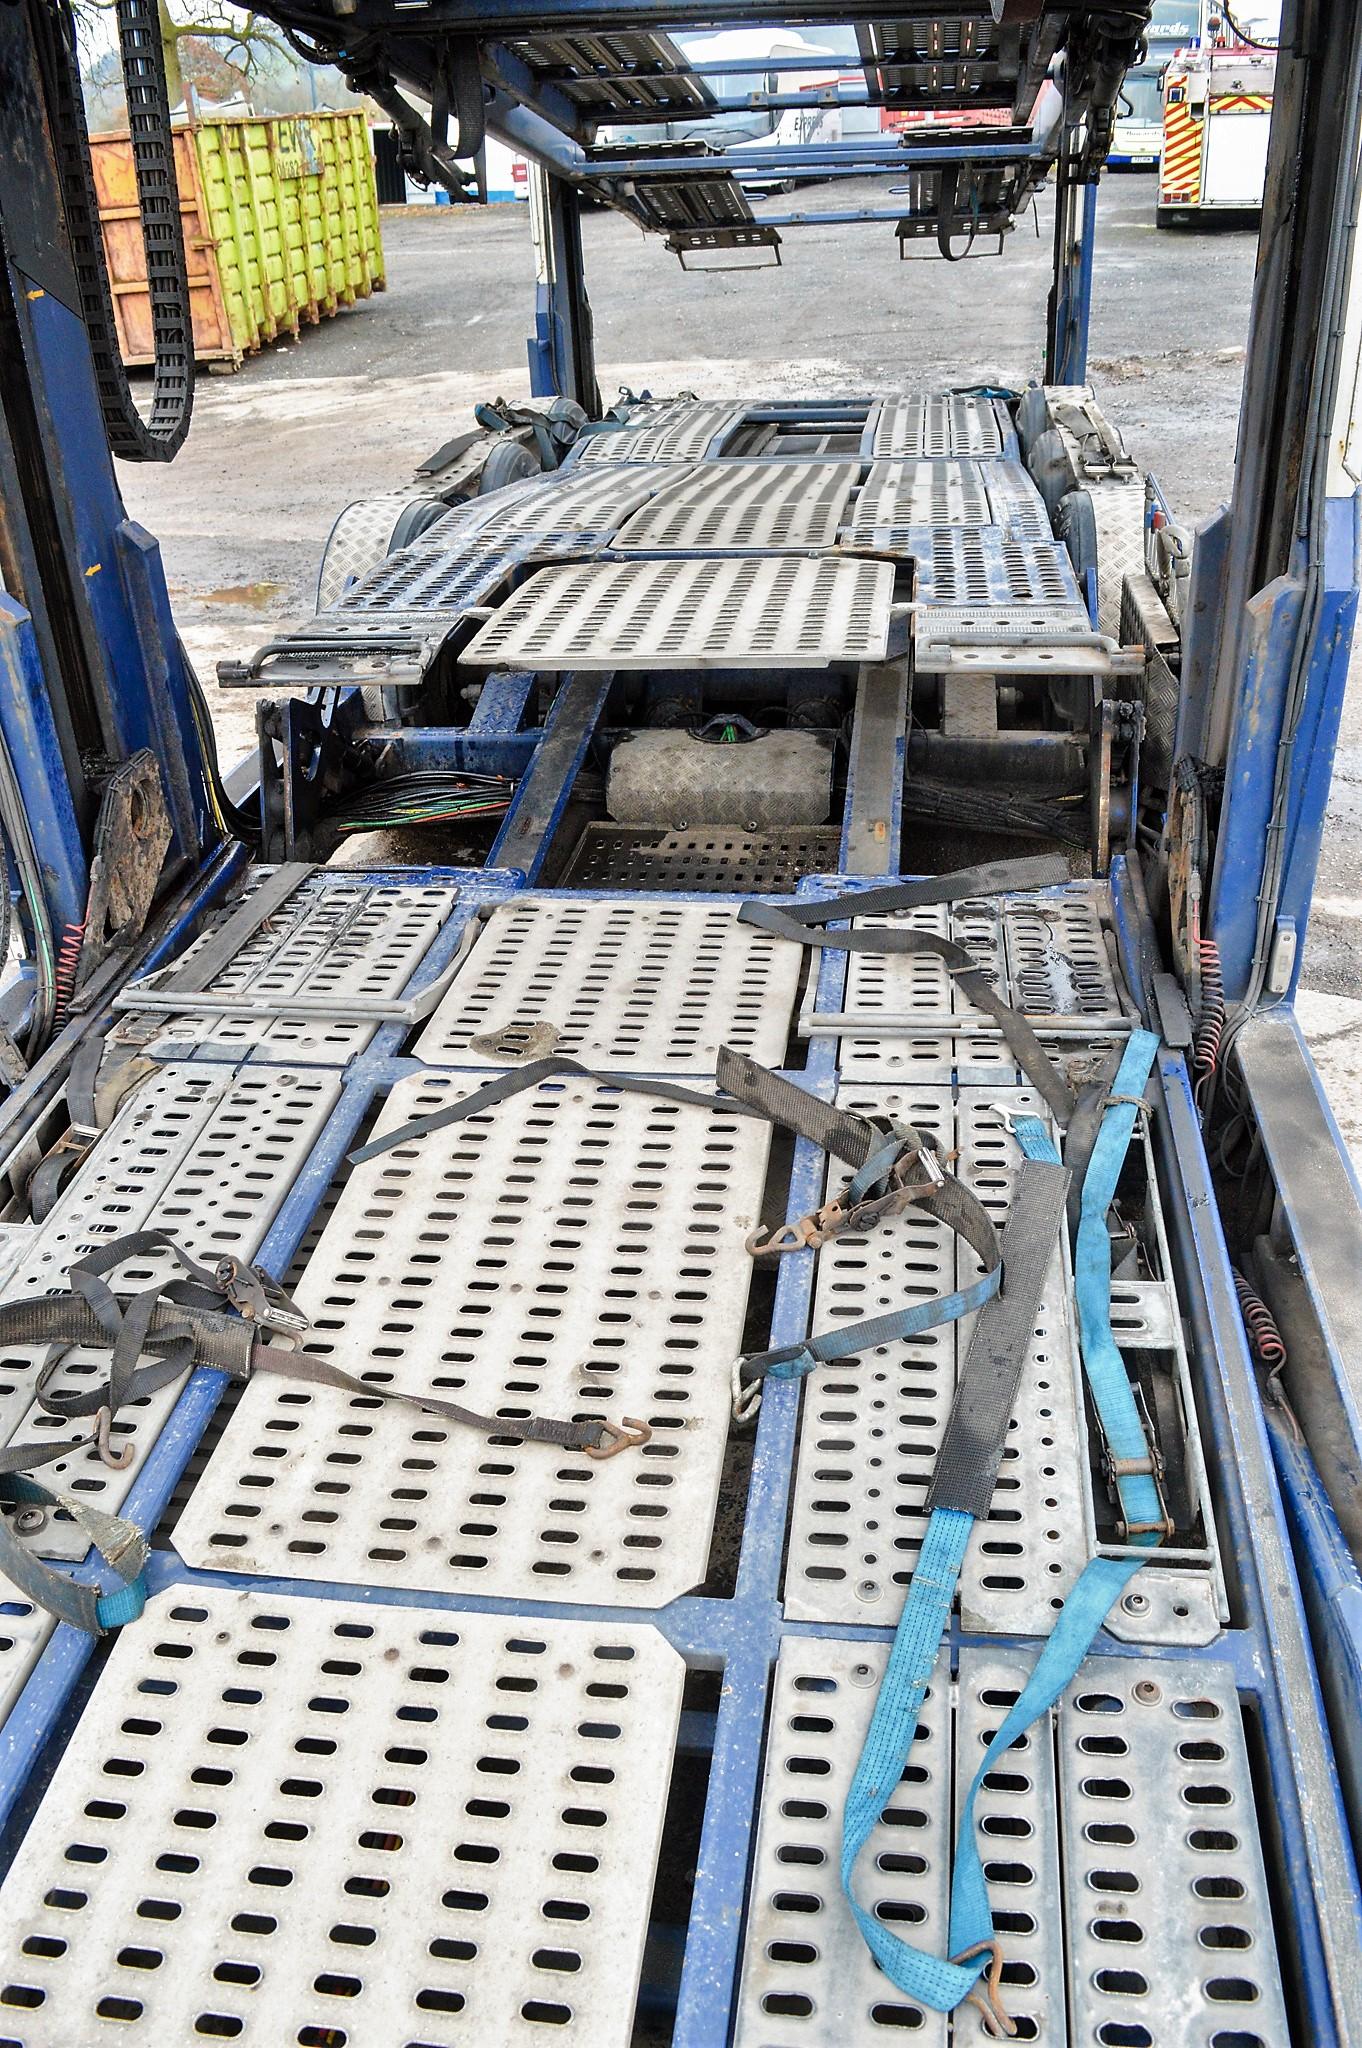 Lot 20 - Volvo FM 6 x 2 21 tonne car transporter lorry Registration Number: KX57 POH Date of Registration: